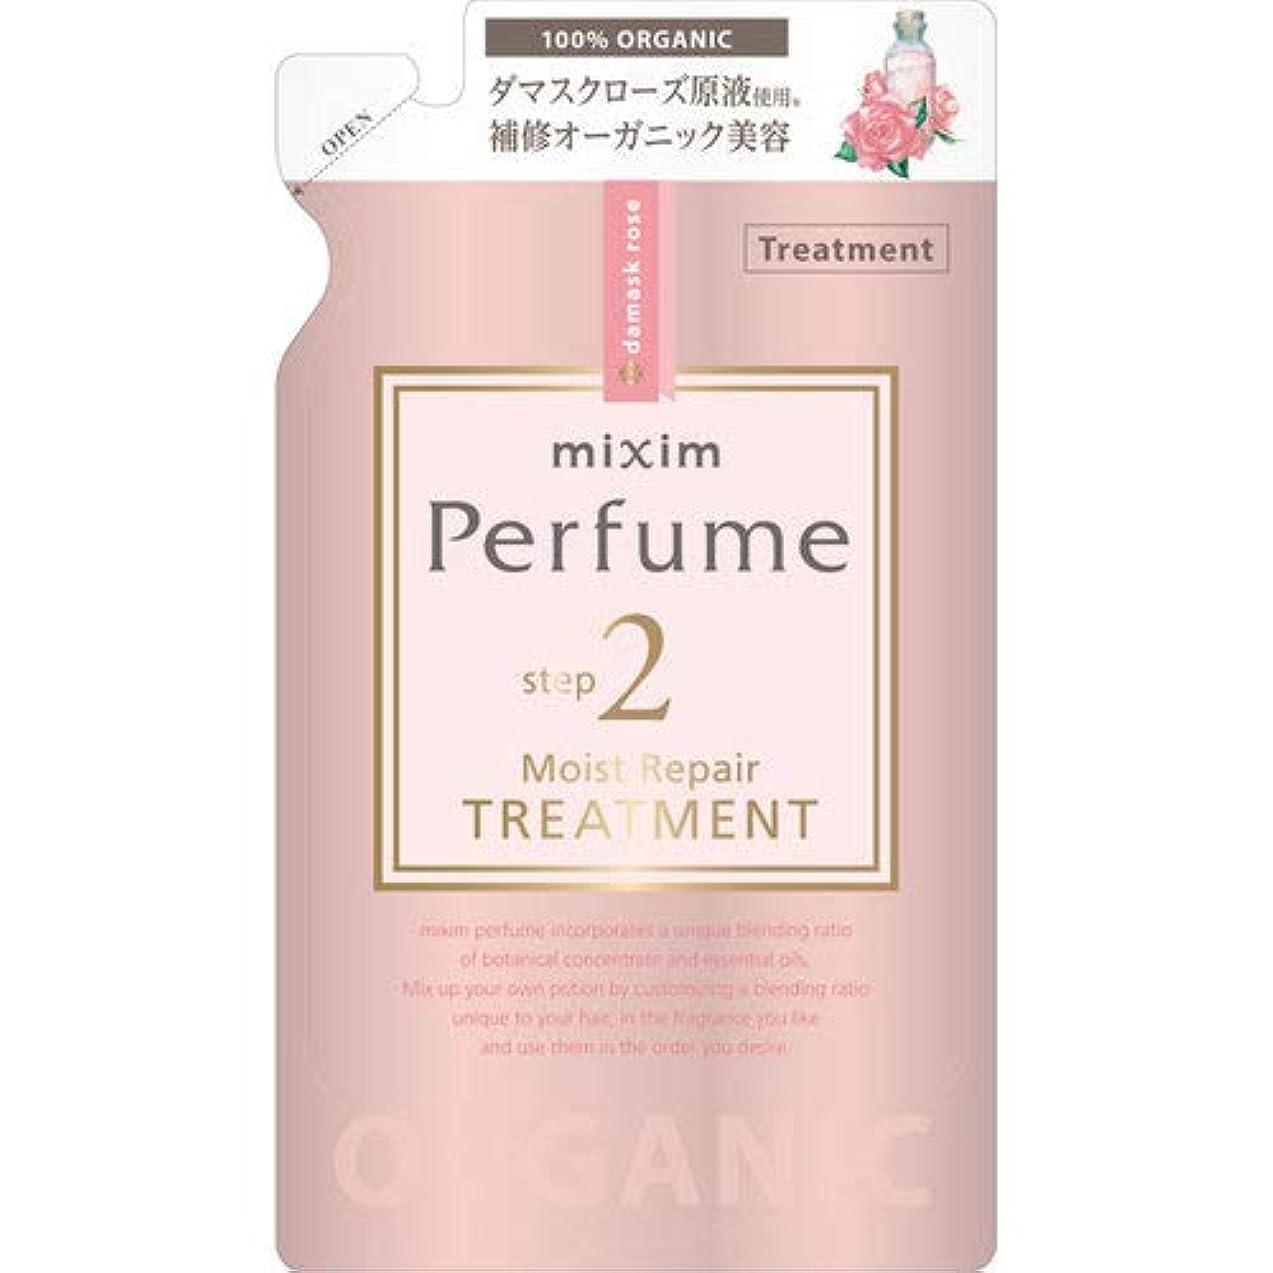 マートギャラントリー追放するmixim Perfume(ミクシムパフューム) モイストリペア ヘアトリートメントつめかえ用 350g